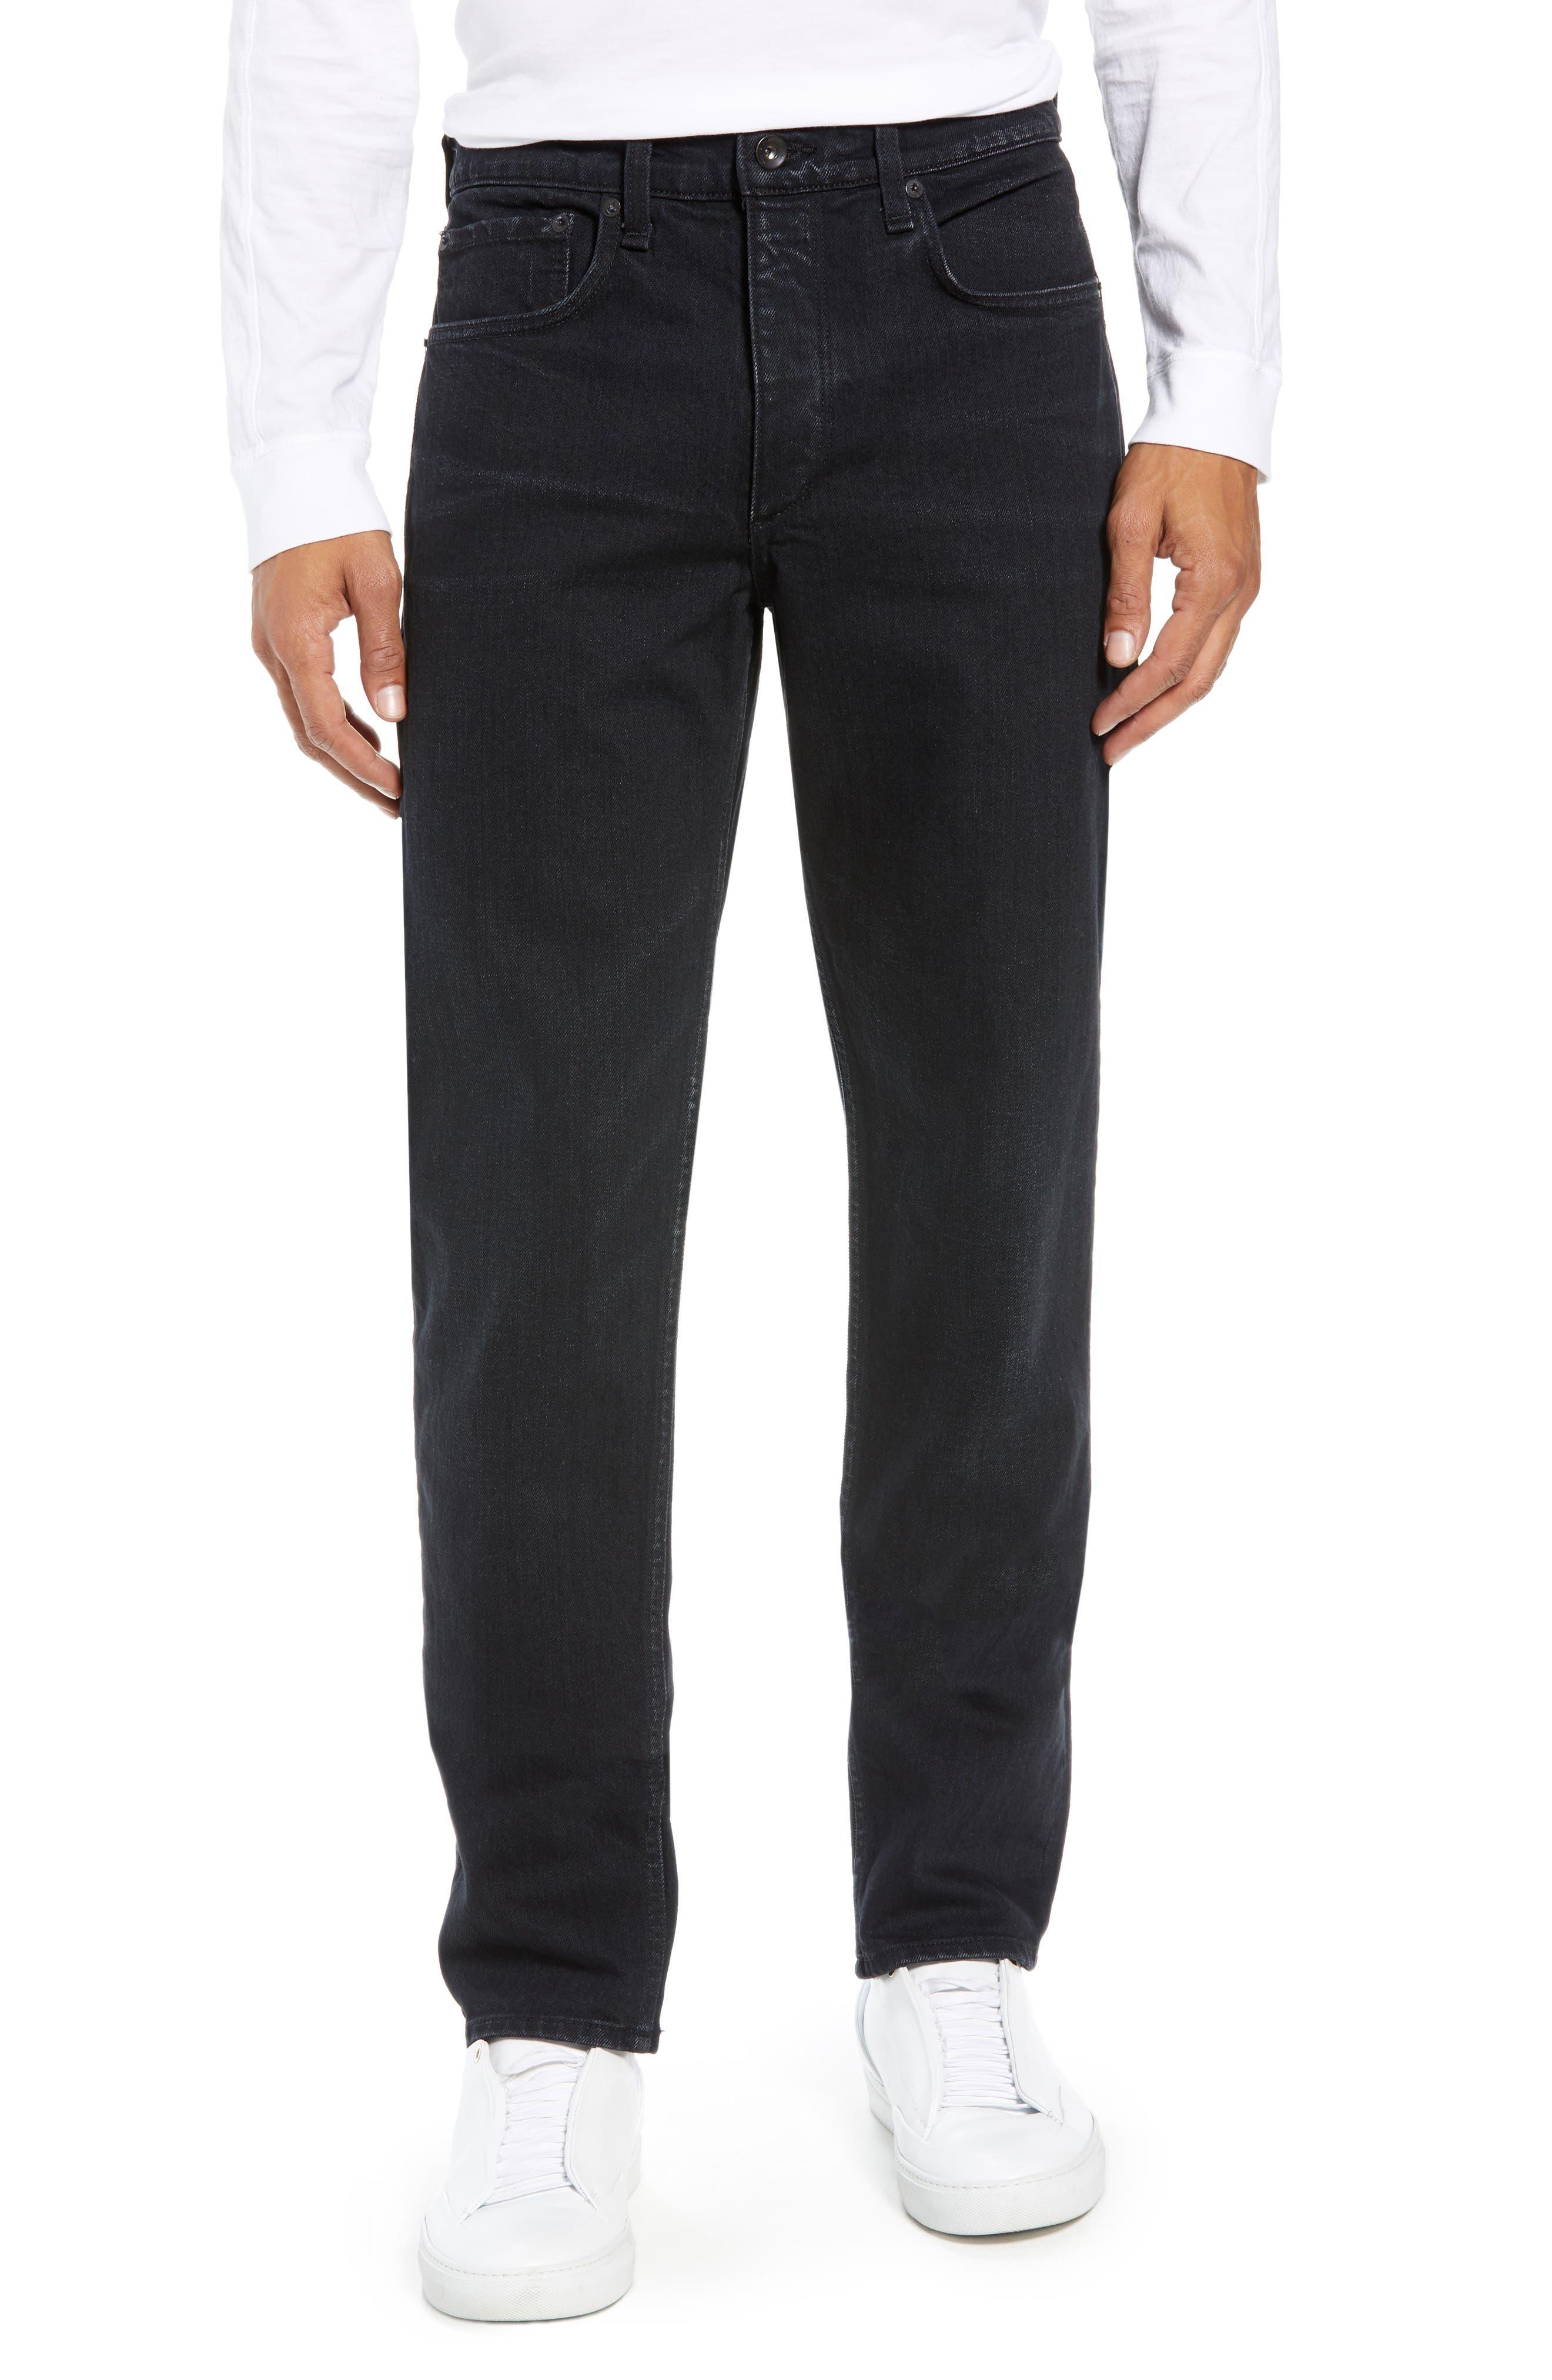 Fit 2 Slim Fit Jeans,                         Main,                         color, DEVON